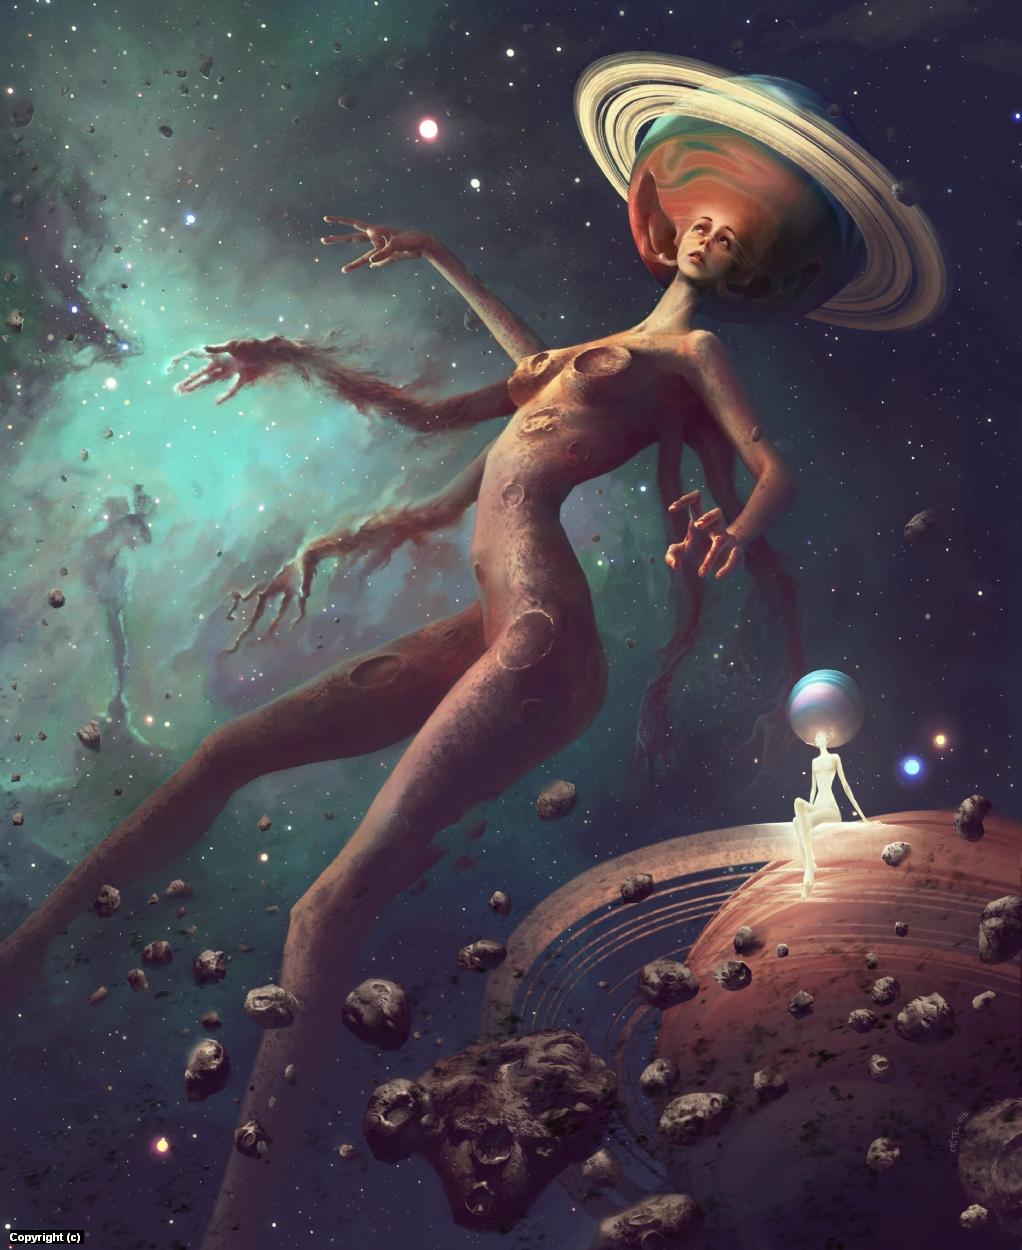 Lady Galaxy Artwork by Quentin Castel